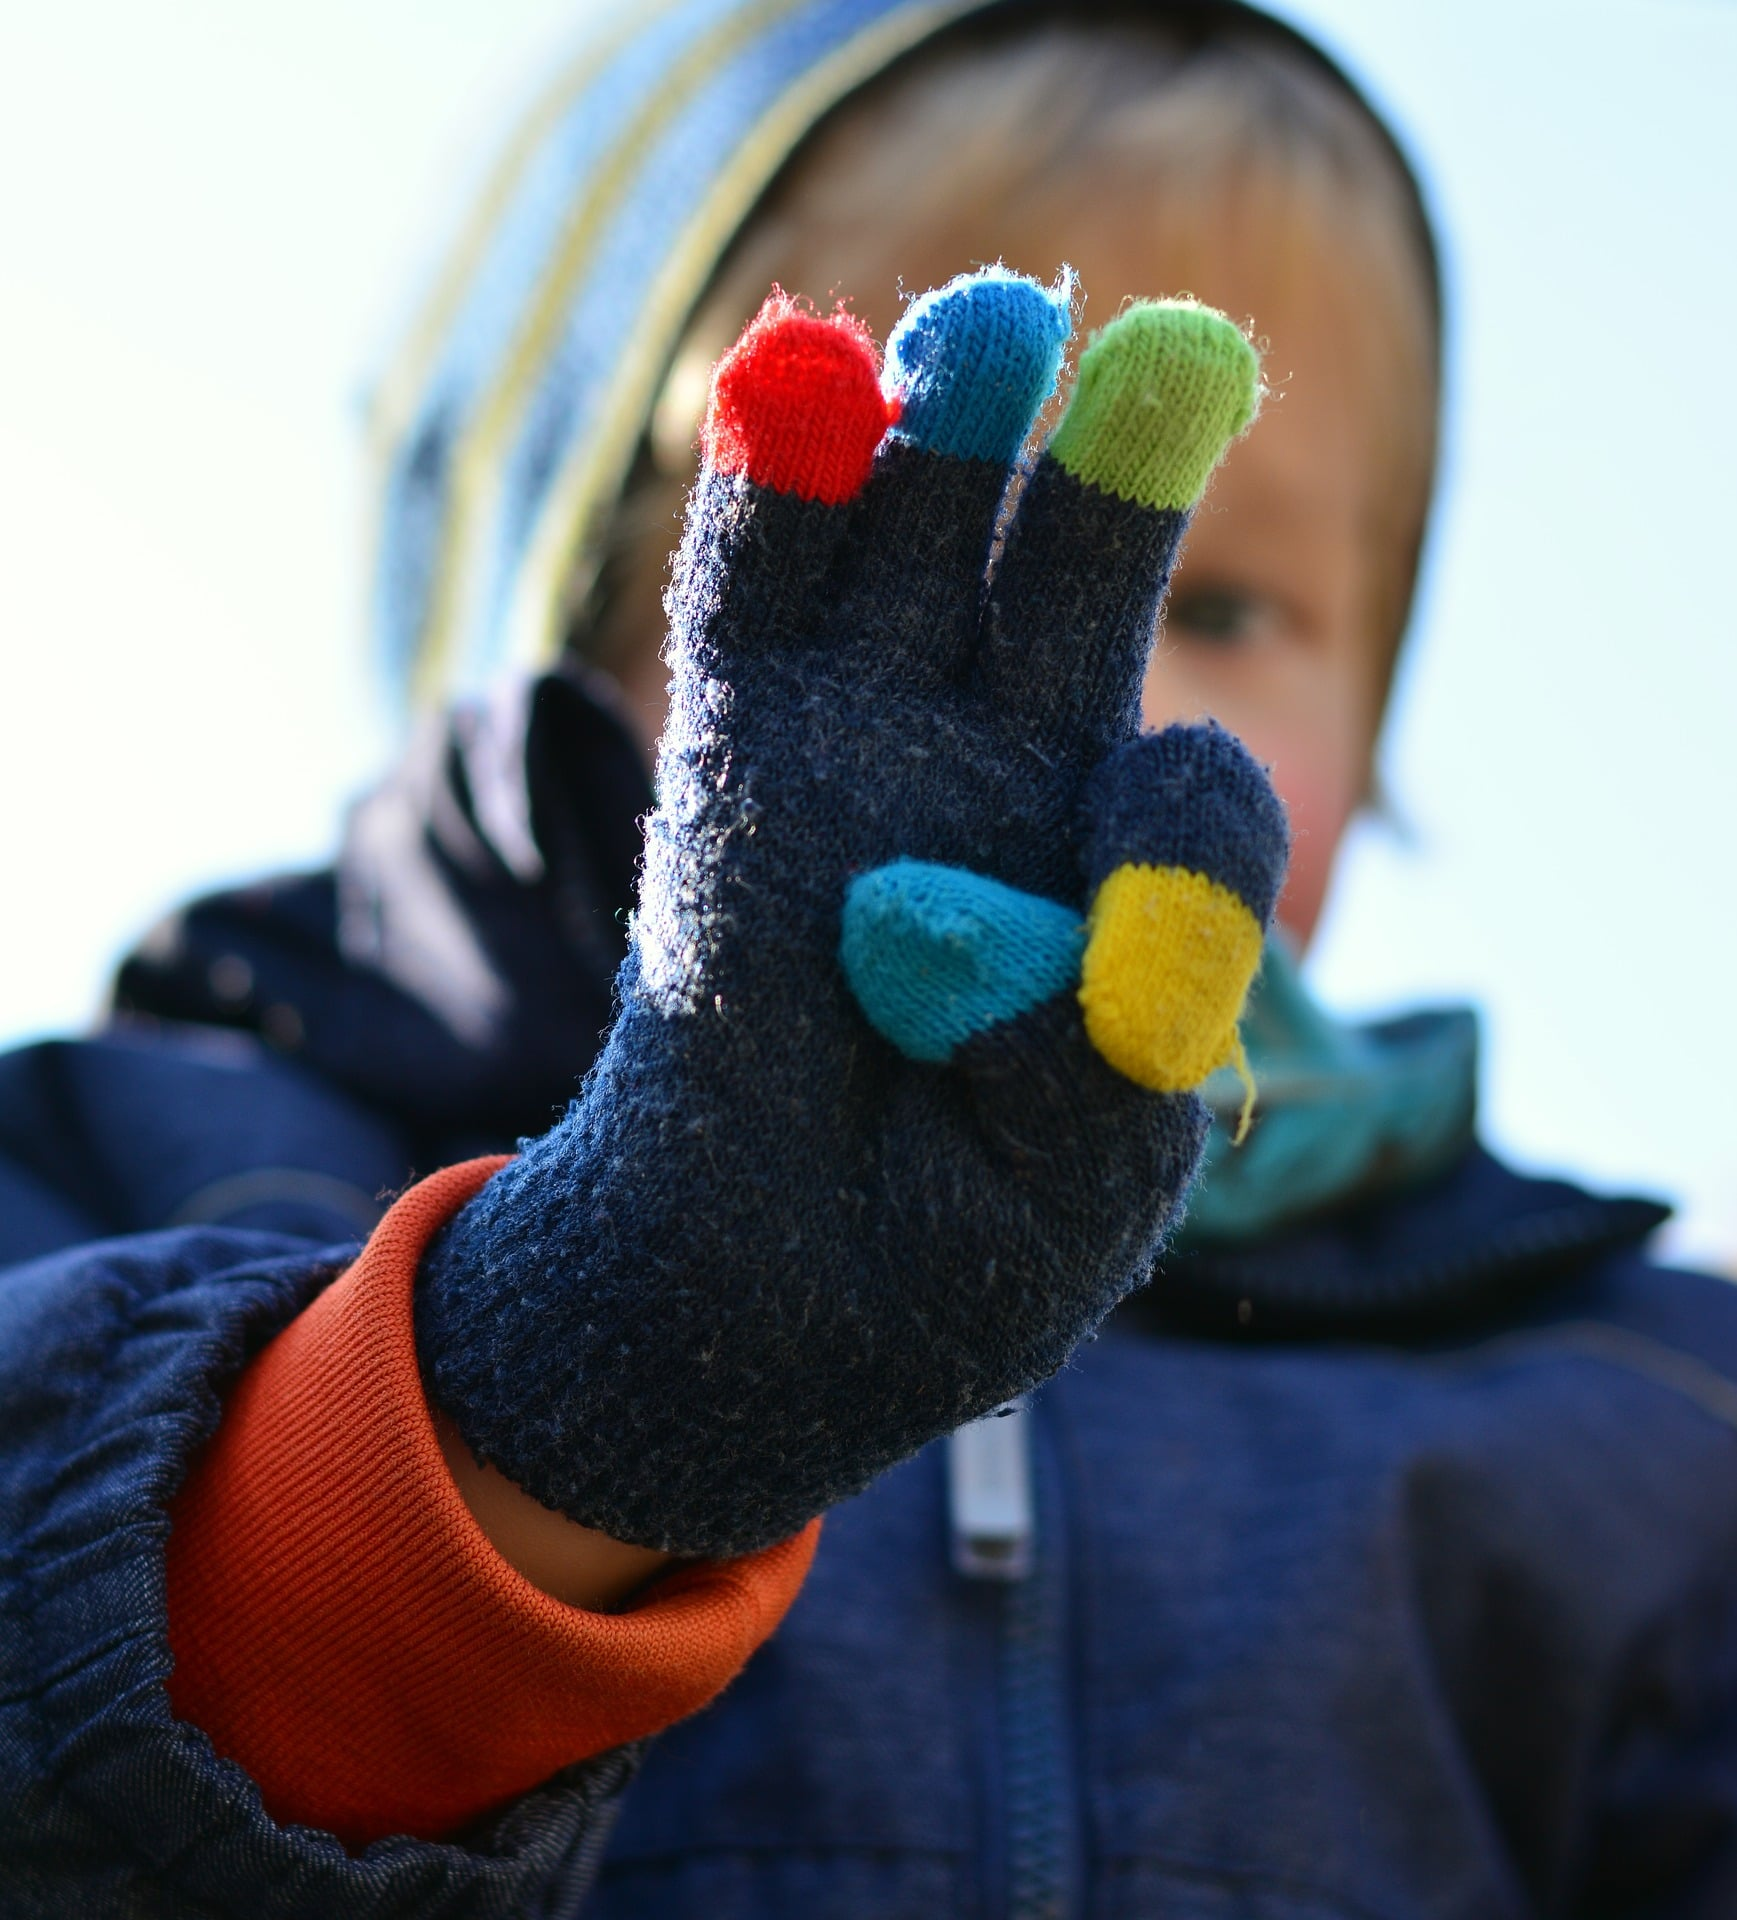 glove-3173326_1920.jpg